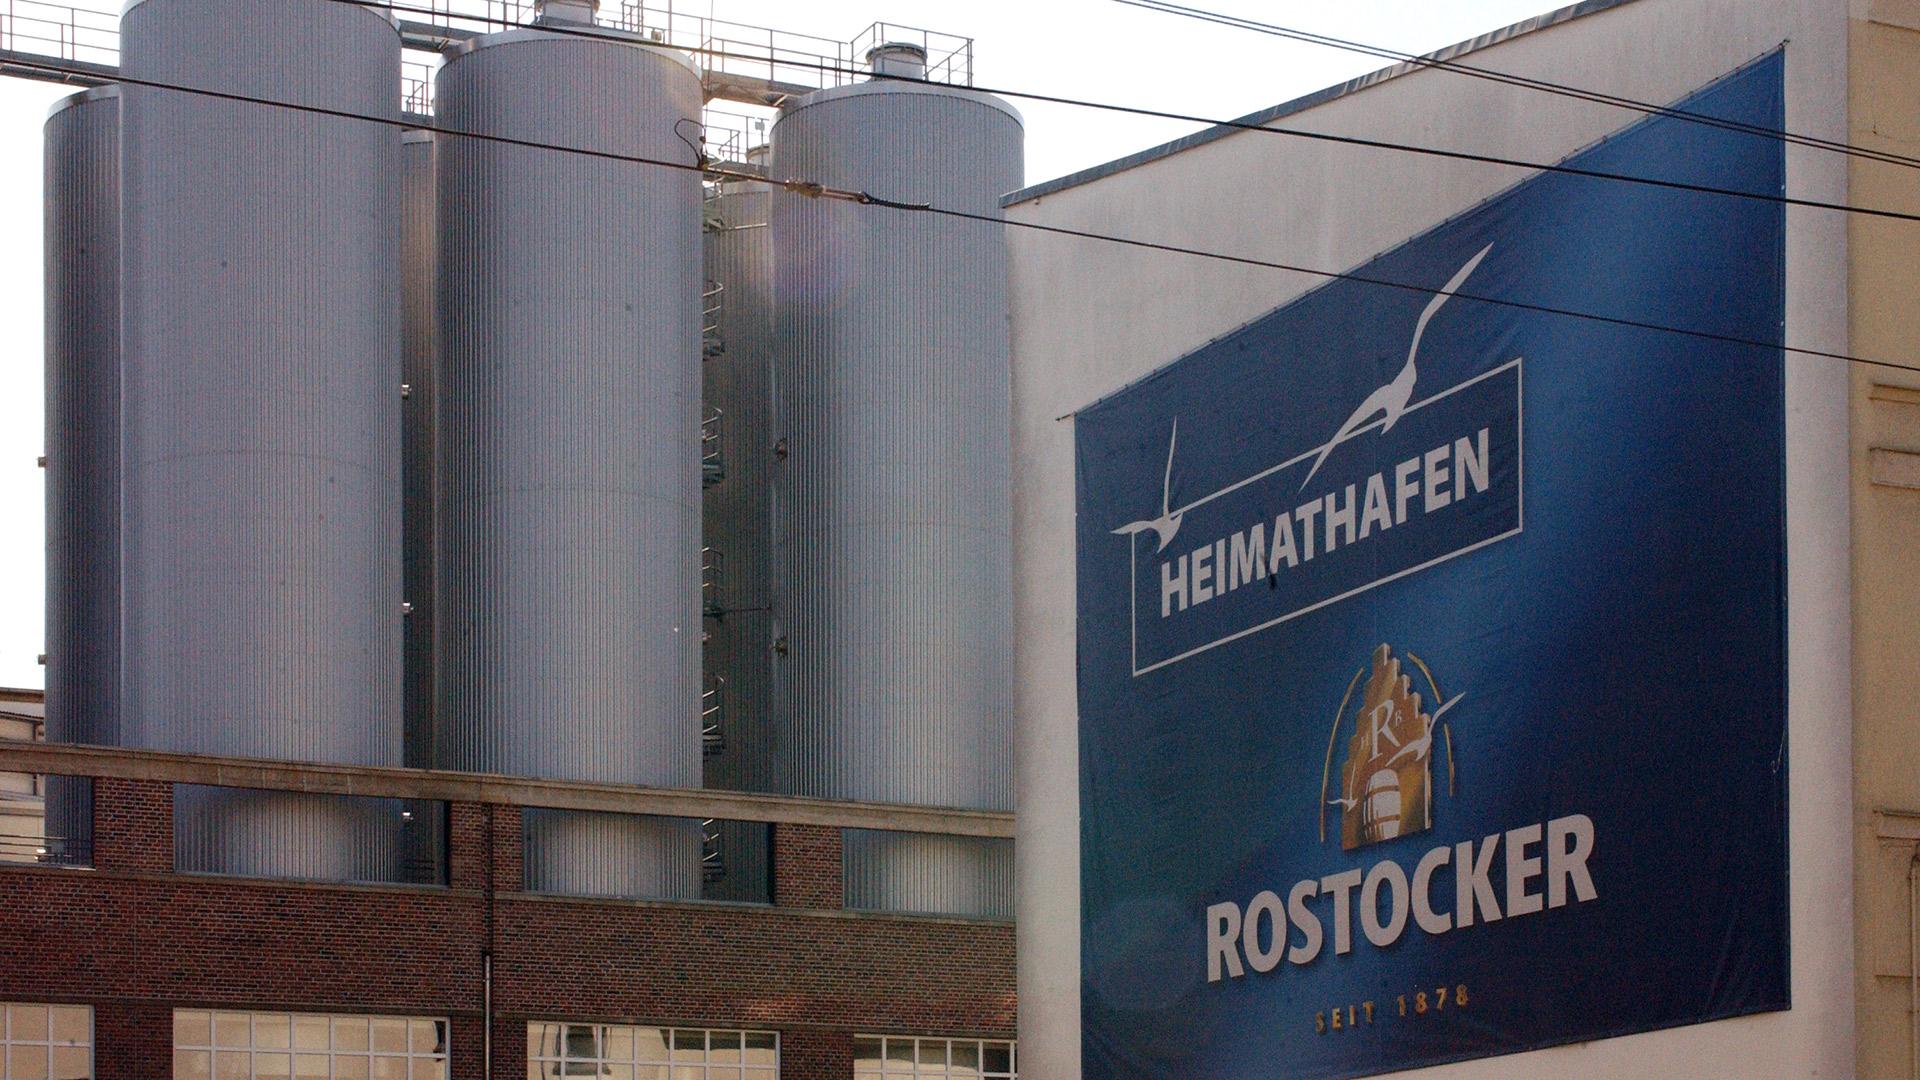 Bier-Rostock-Fassade-Matti-Michalke-Berlin-Brandenburg-Aussenwerbung-Innenwerbung-Banner-Planen-Folien-Werbemittel-Druck-Print